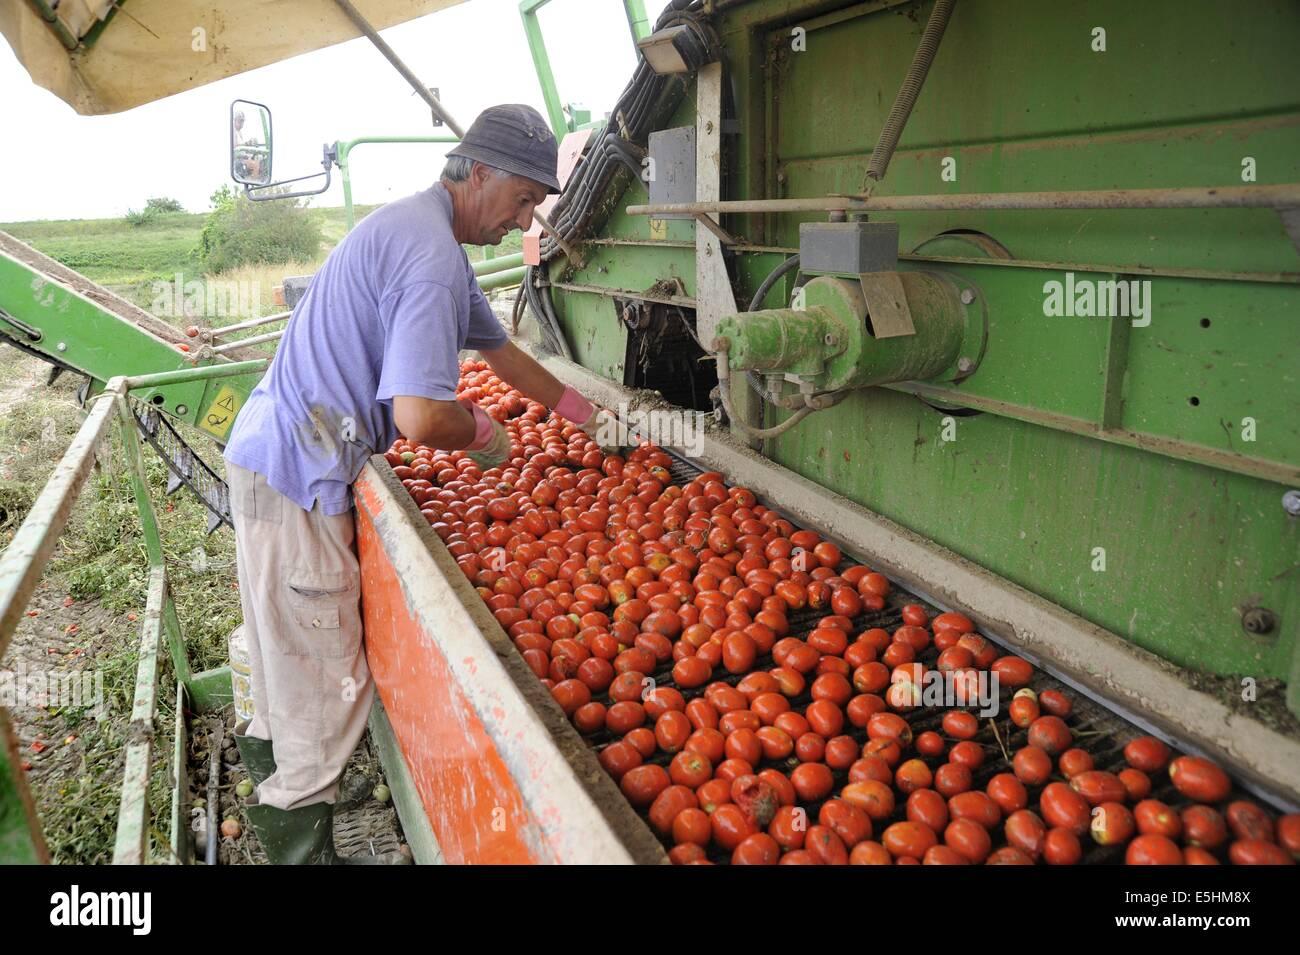 Los tomates de cosecha automatizada en la provincia de Piacenza (Italia) Imagen De Stock